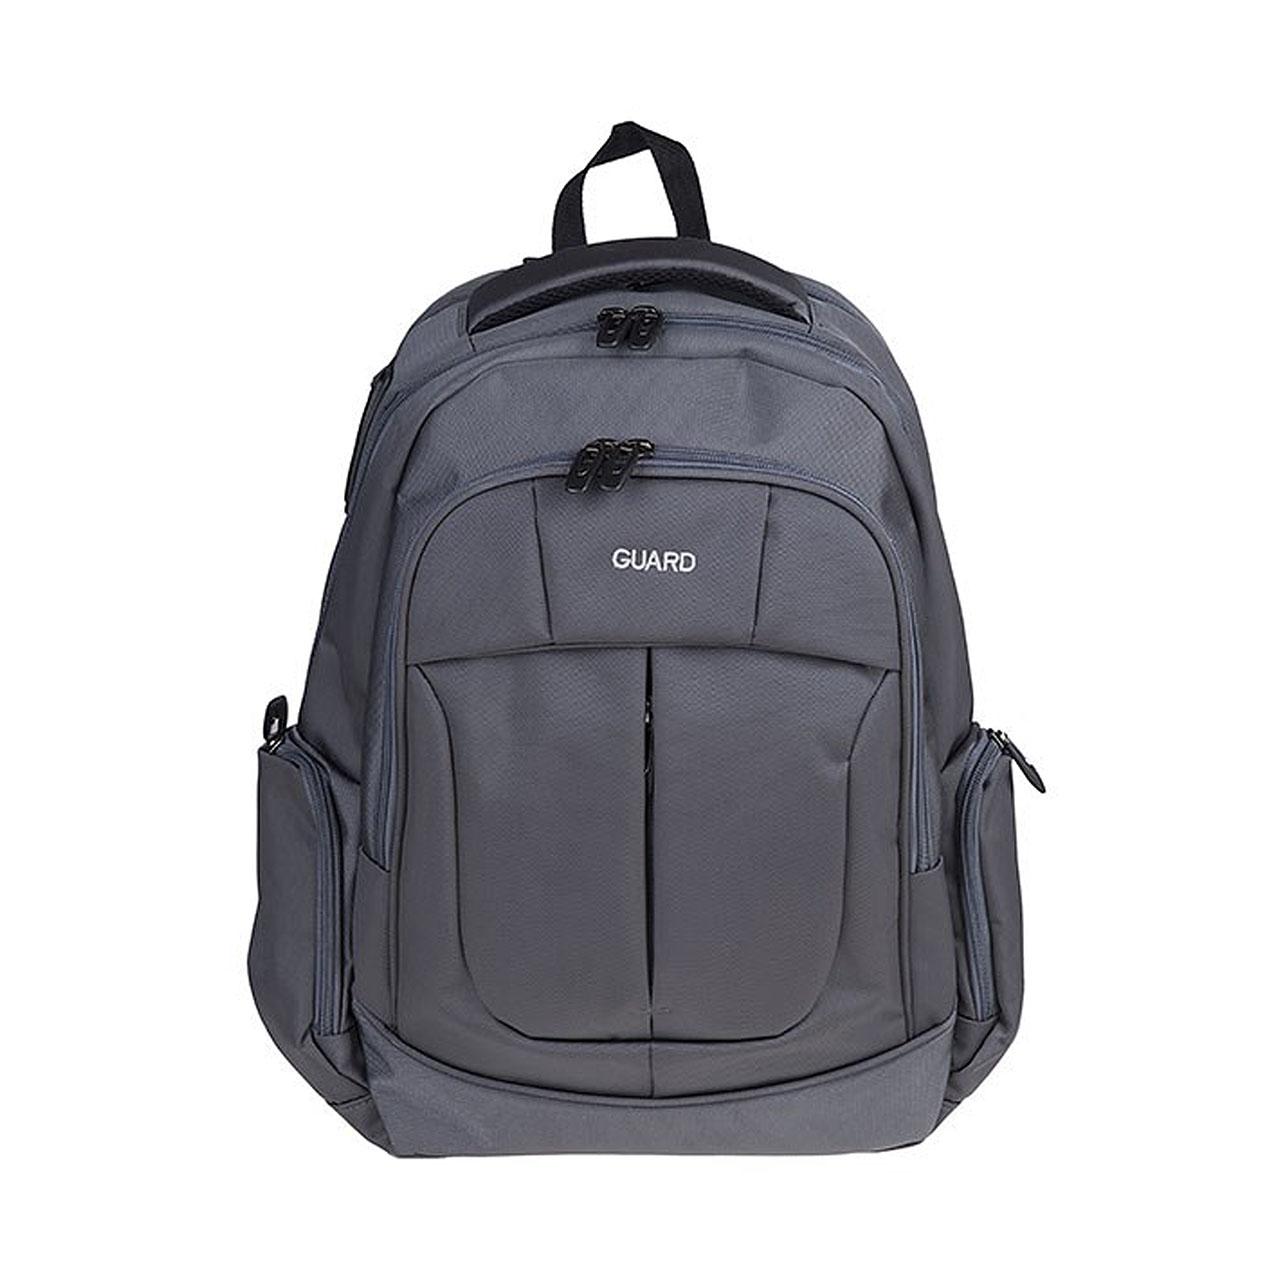 کوله پشتی لپ تاپ گارد مدل Type 1 مناسب برای لپ تاپ 15.6 اینچی